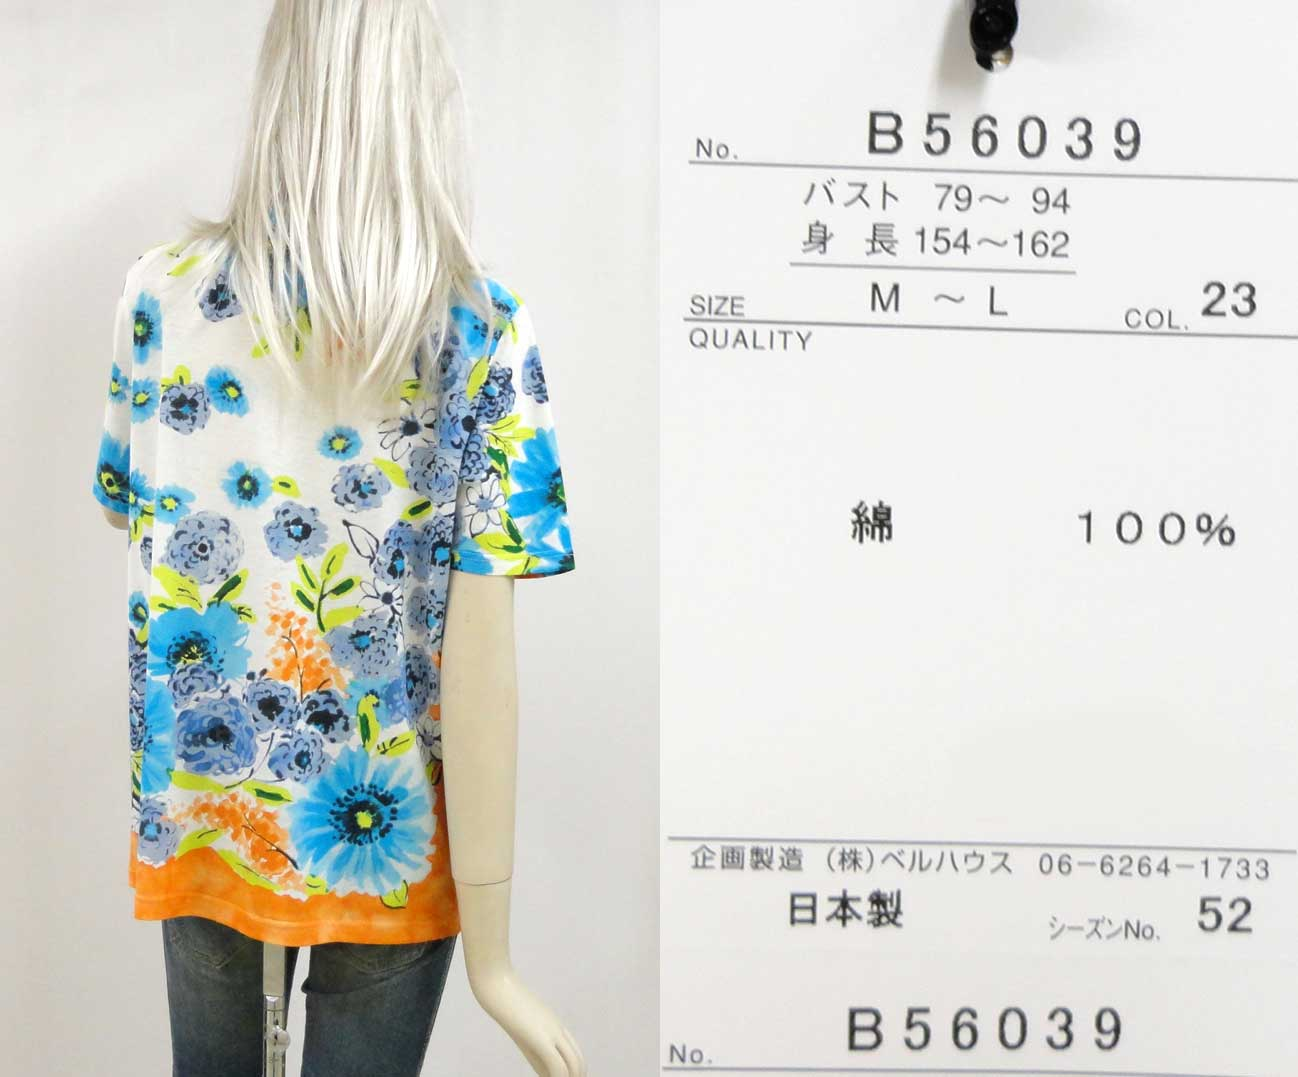 039Tシャツブルーb3